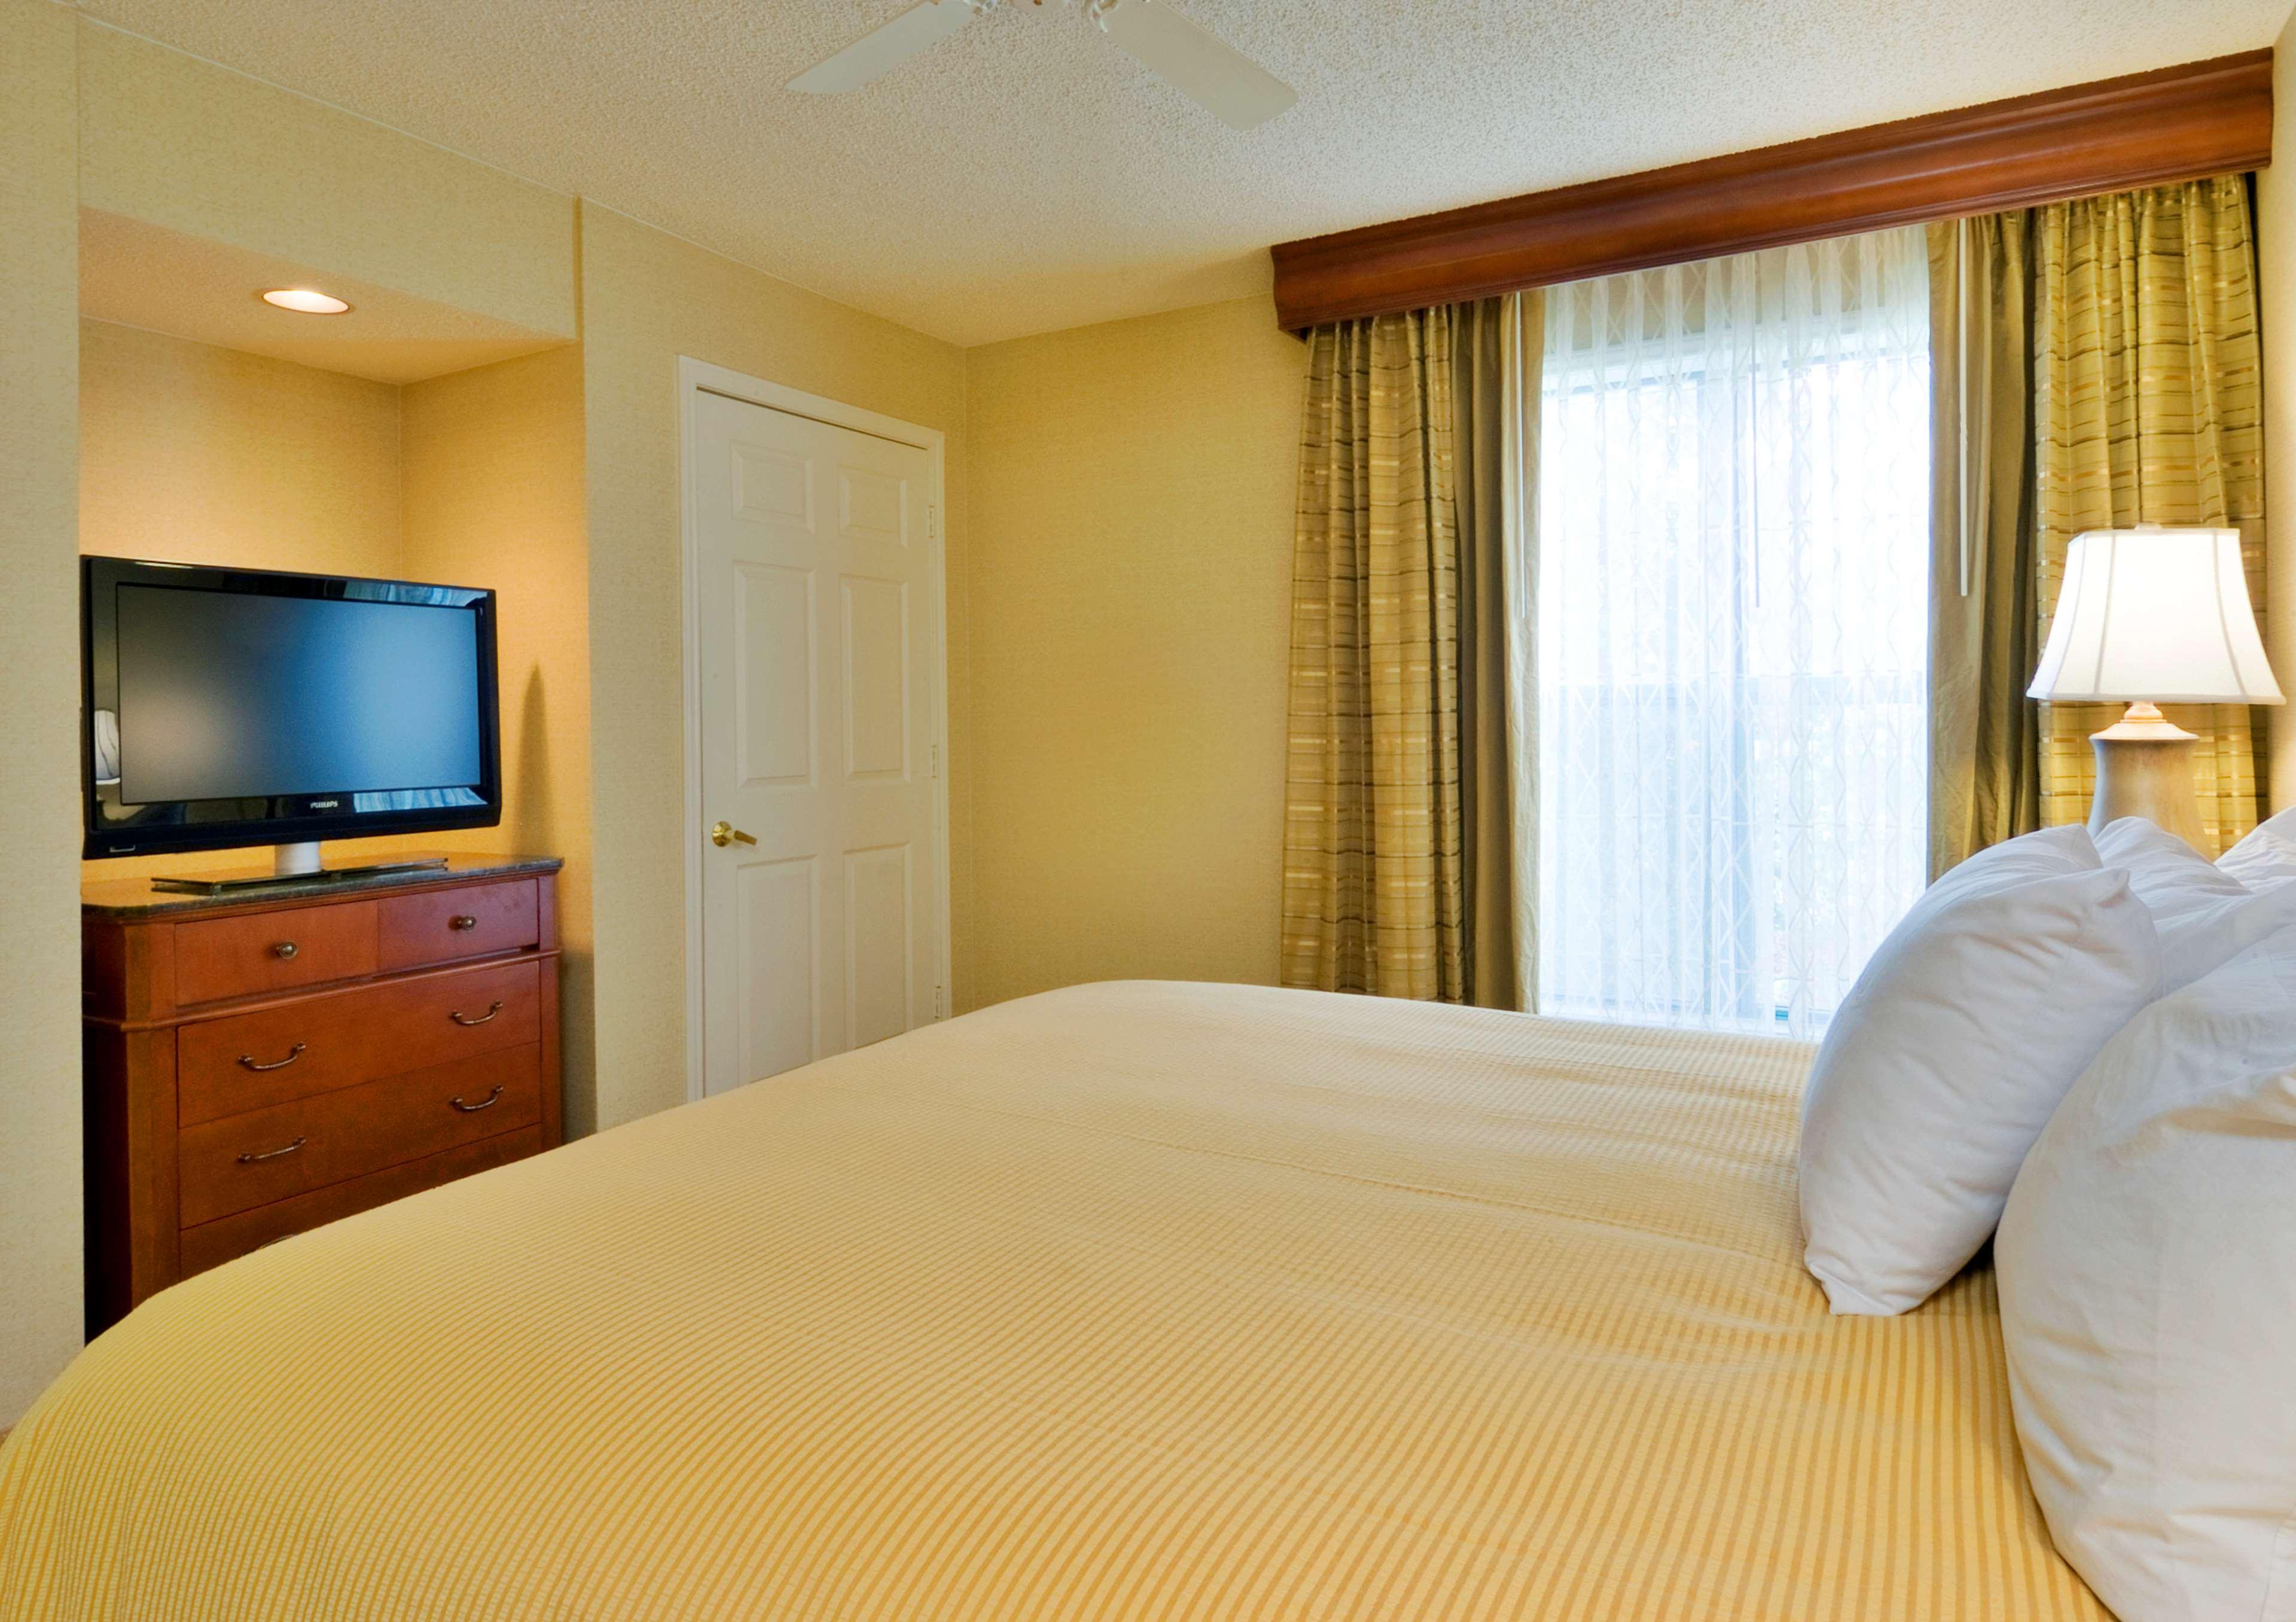 Homewood Suites by Hilton - Boulder image 13